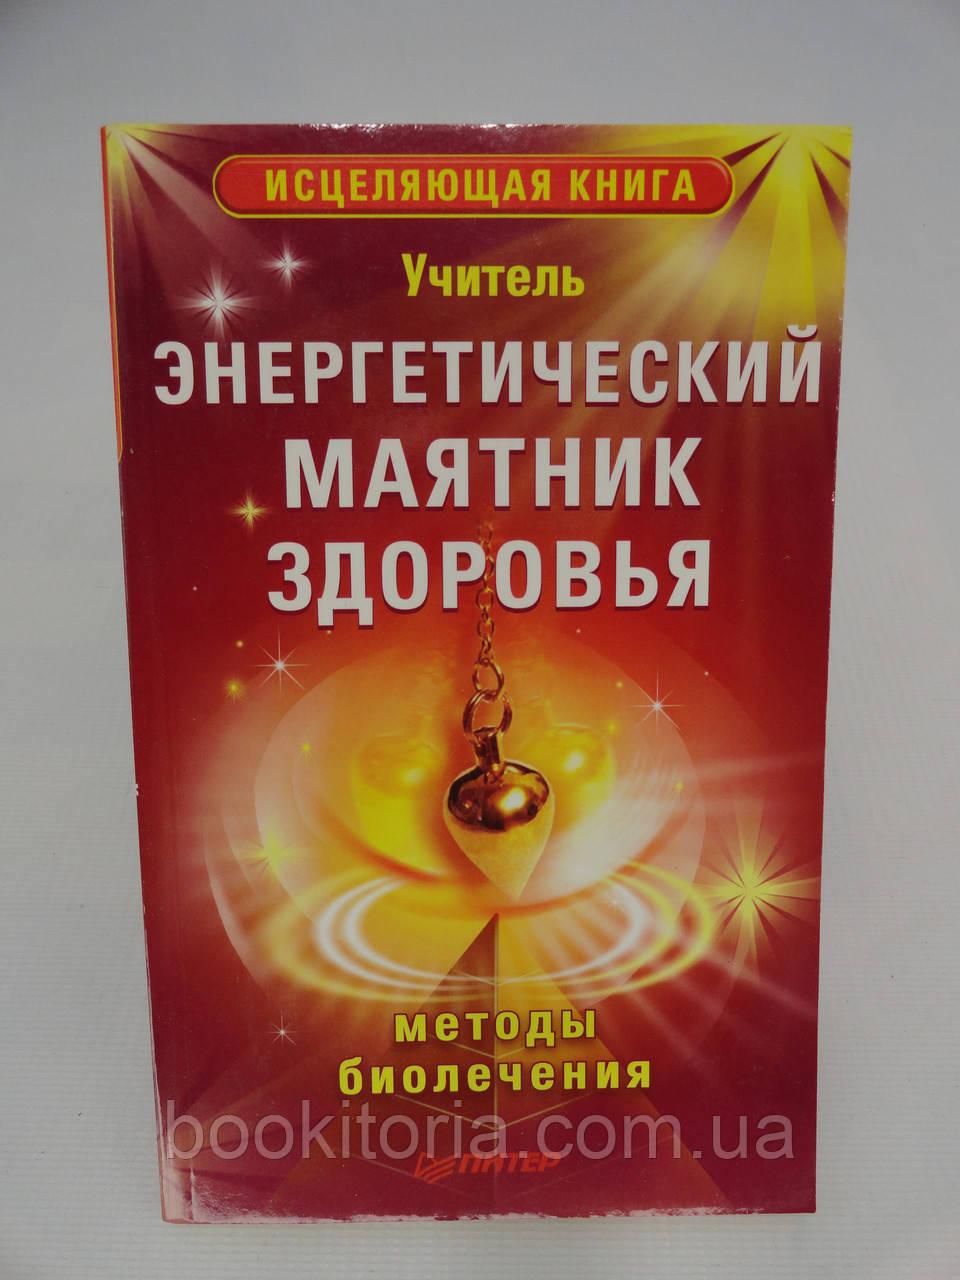 Учитель. Энергетический маятник здоровья. Методы биолечения (б/у).